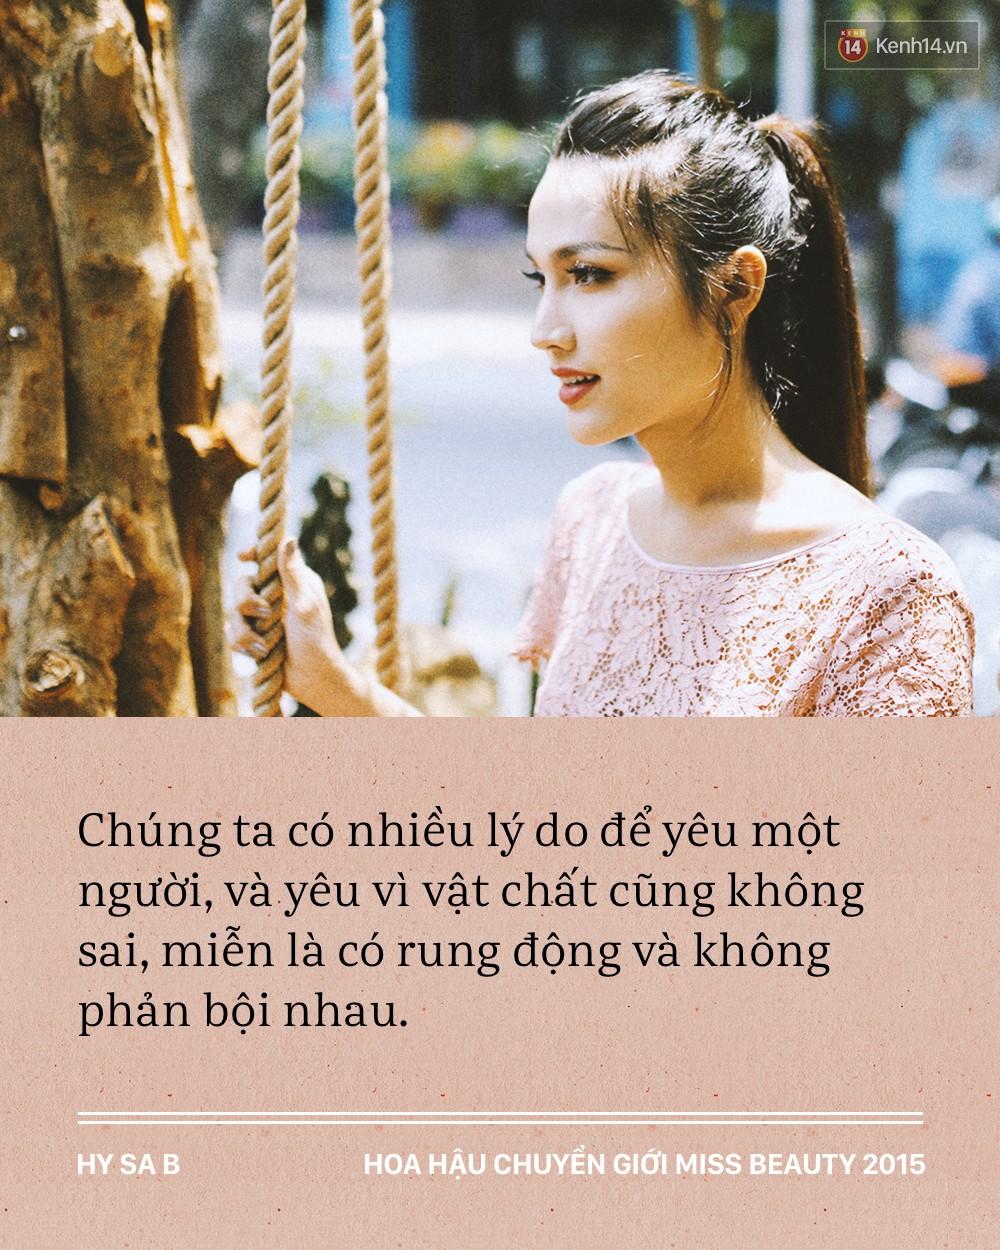 Hoa hậu chuyển giới Việt Nam đầu tiên sau hơn 2 năm đăng quang: Ai cũng nghĩ sau Miss Beauty thì đời mình lên mây - Ảnh 9.